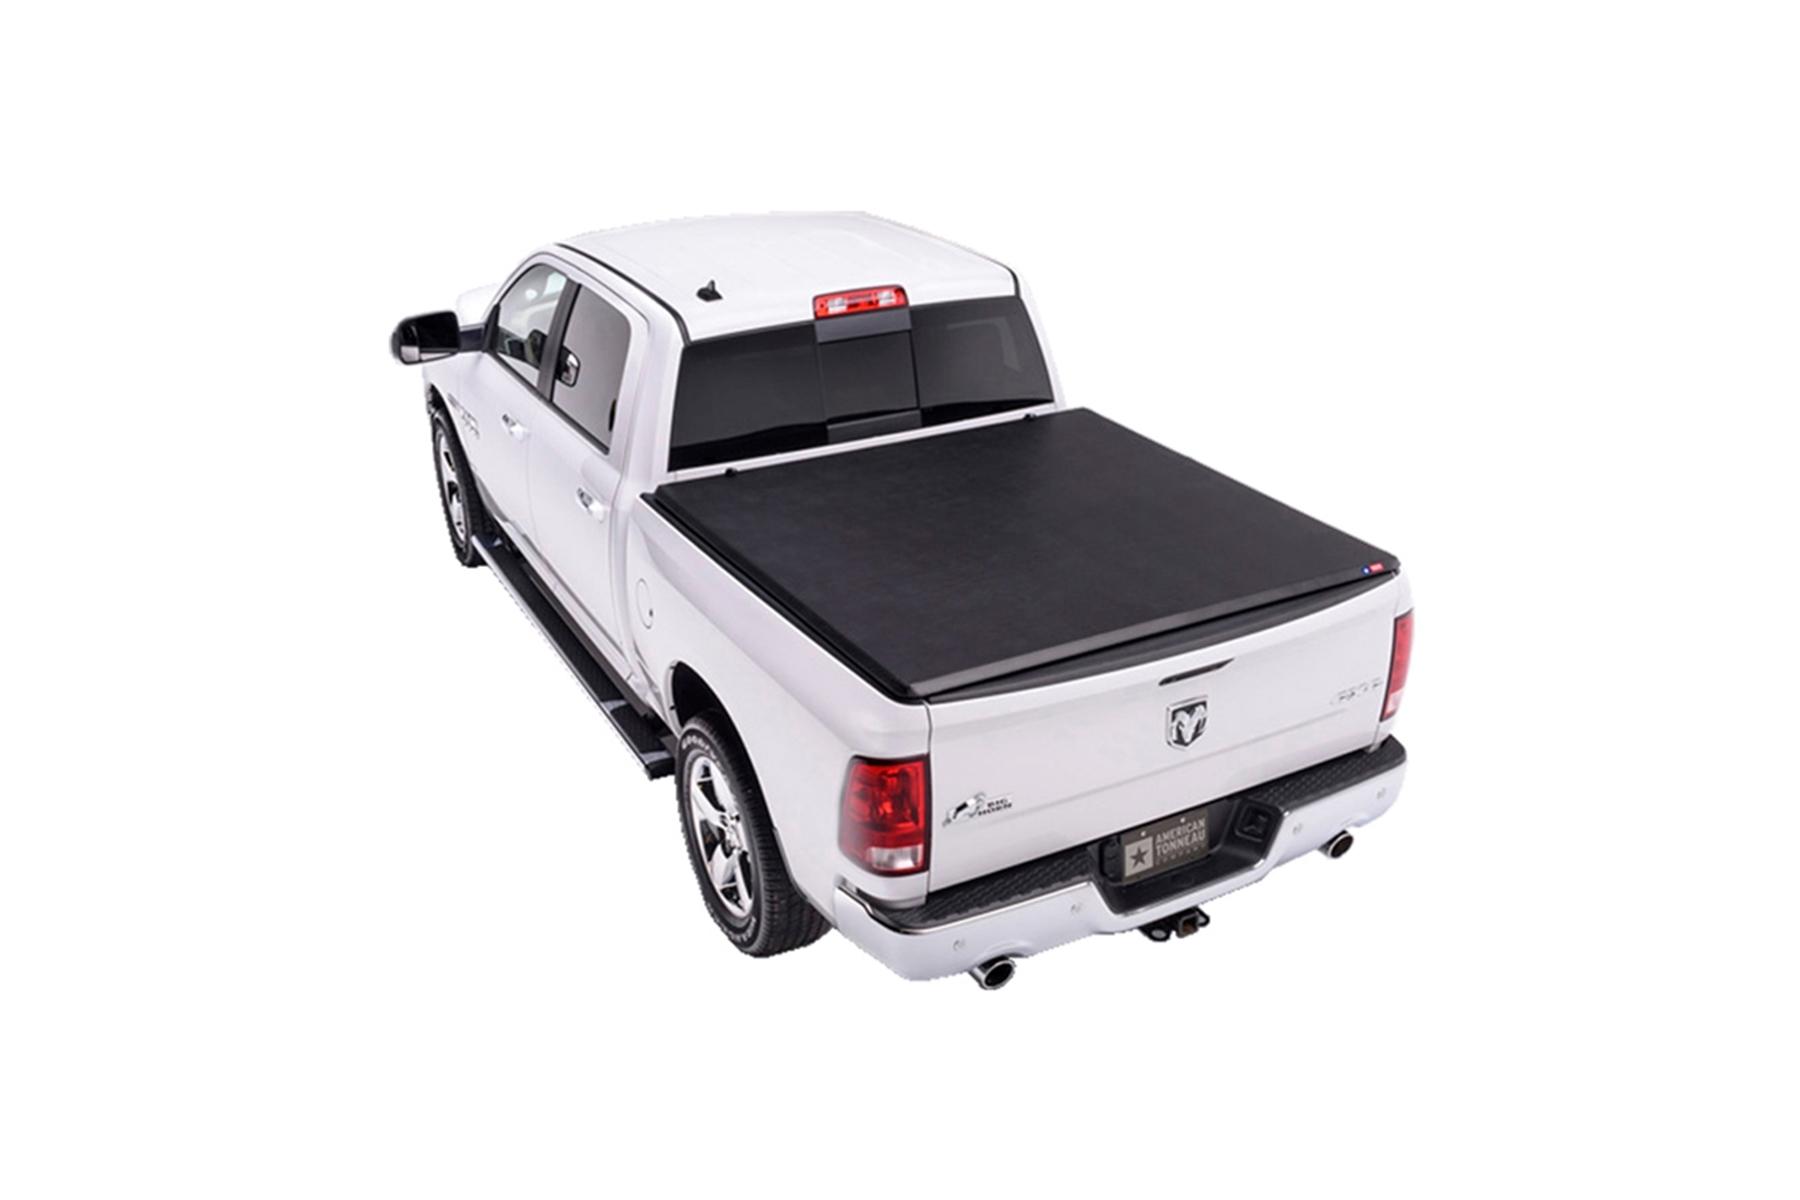 2017 Gmc Sierra 1500 American Hard Tri Fold Tonneau Covers